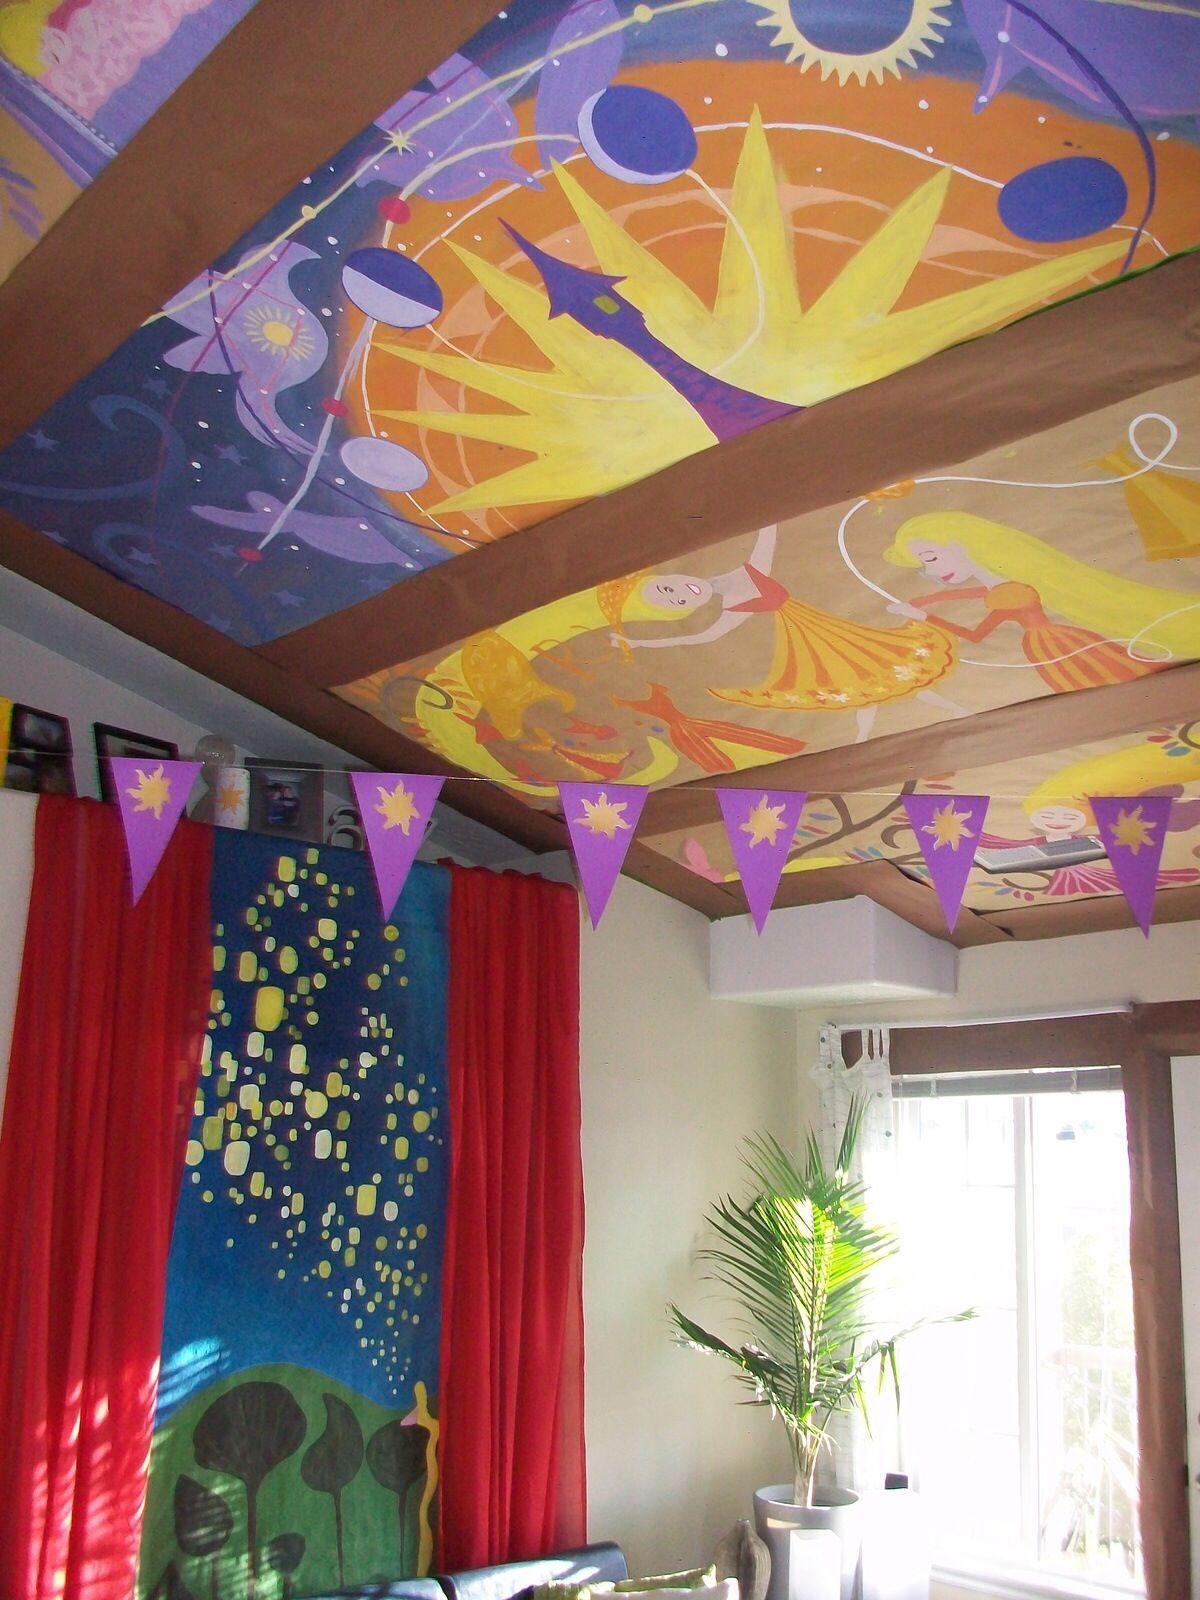 rapunzel room verwarde kamer disney in de knoop disney woninginrichting disney kamer decoraties